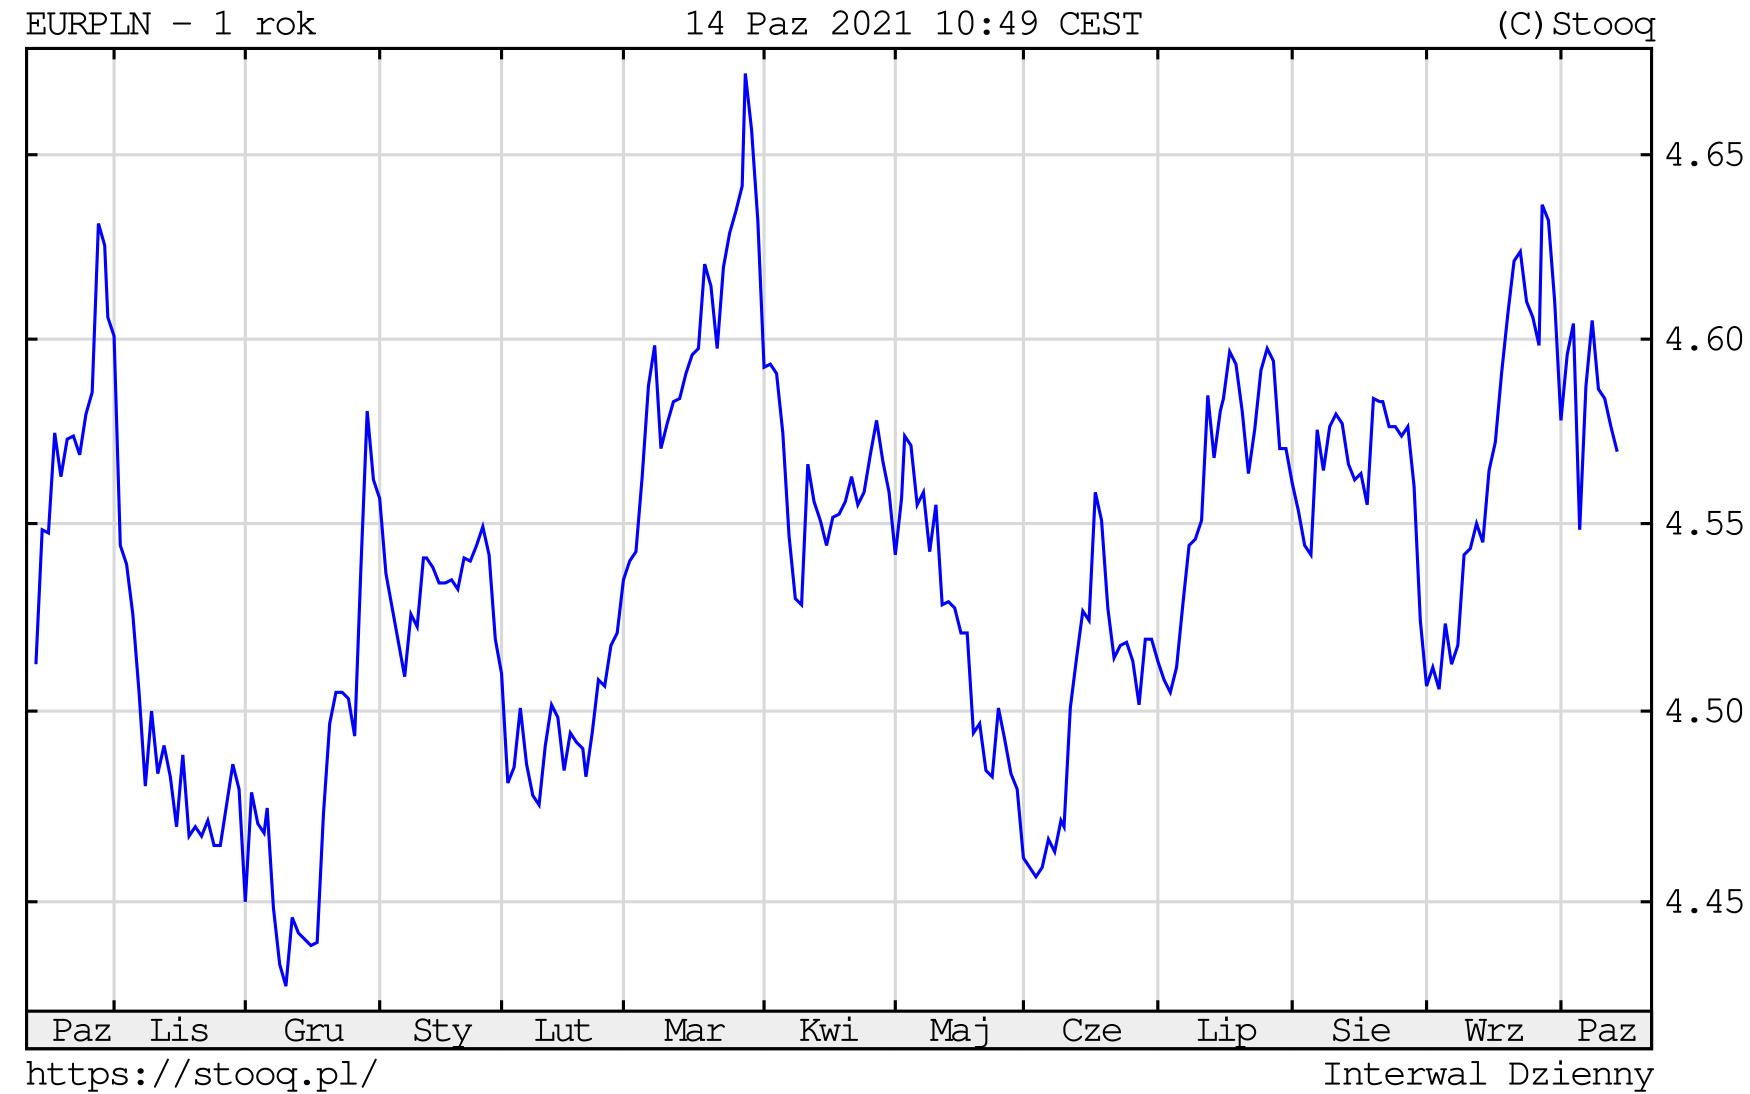 Kurs euro w czwartek, 14 października 2021 roku. Notowania EURPLN na wykresie dziennym